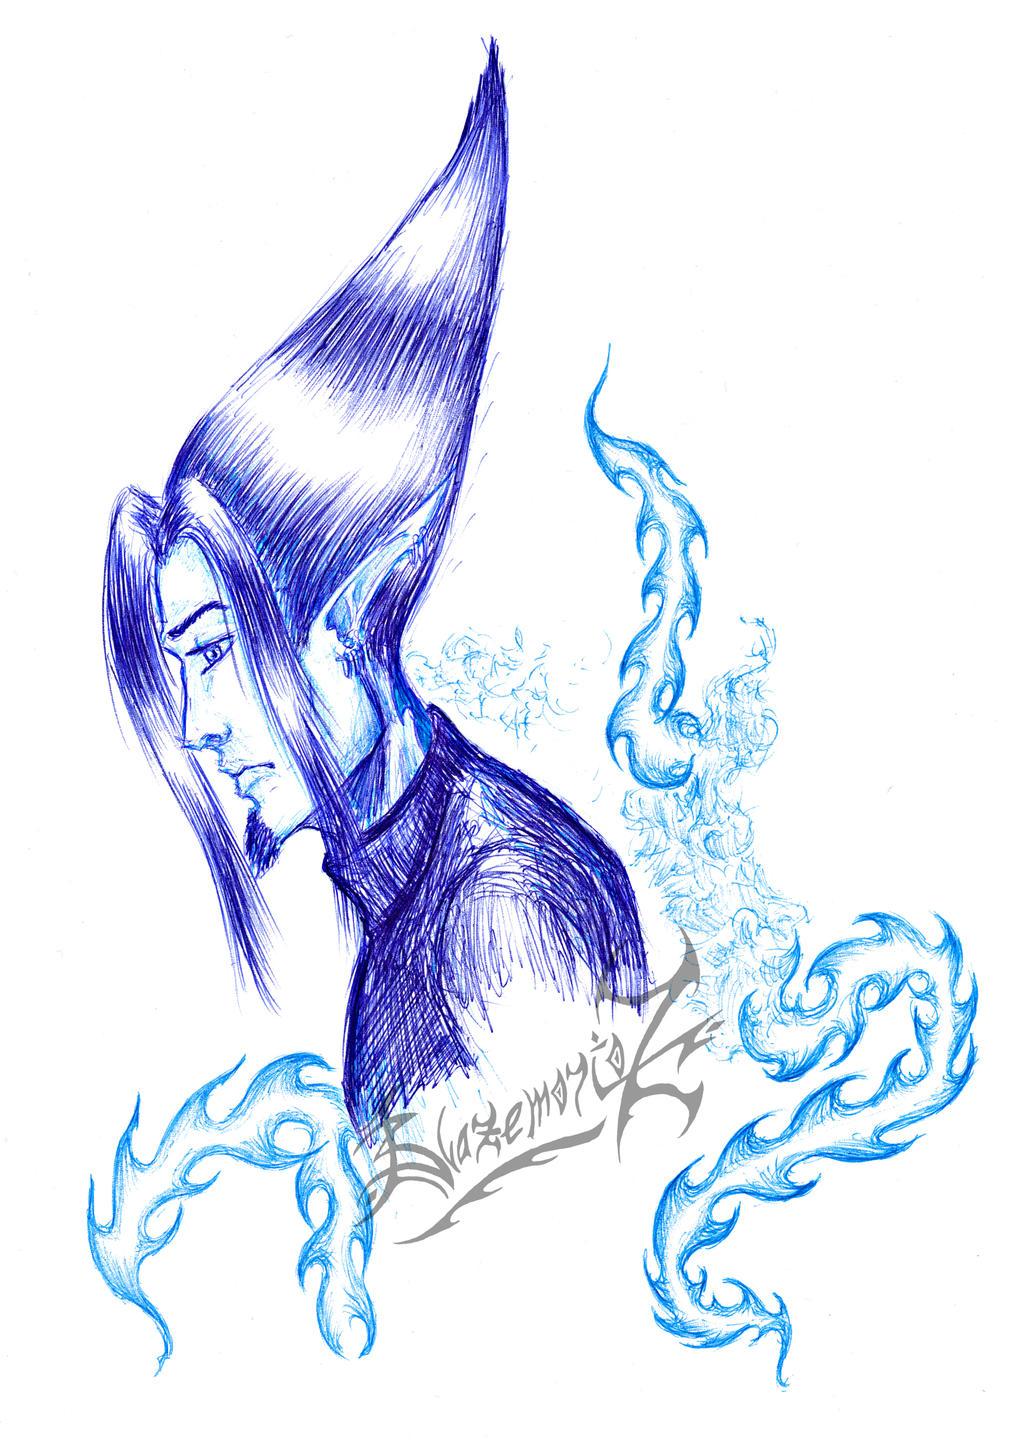 Blazemorioz's Profile Picture